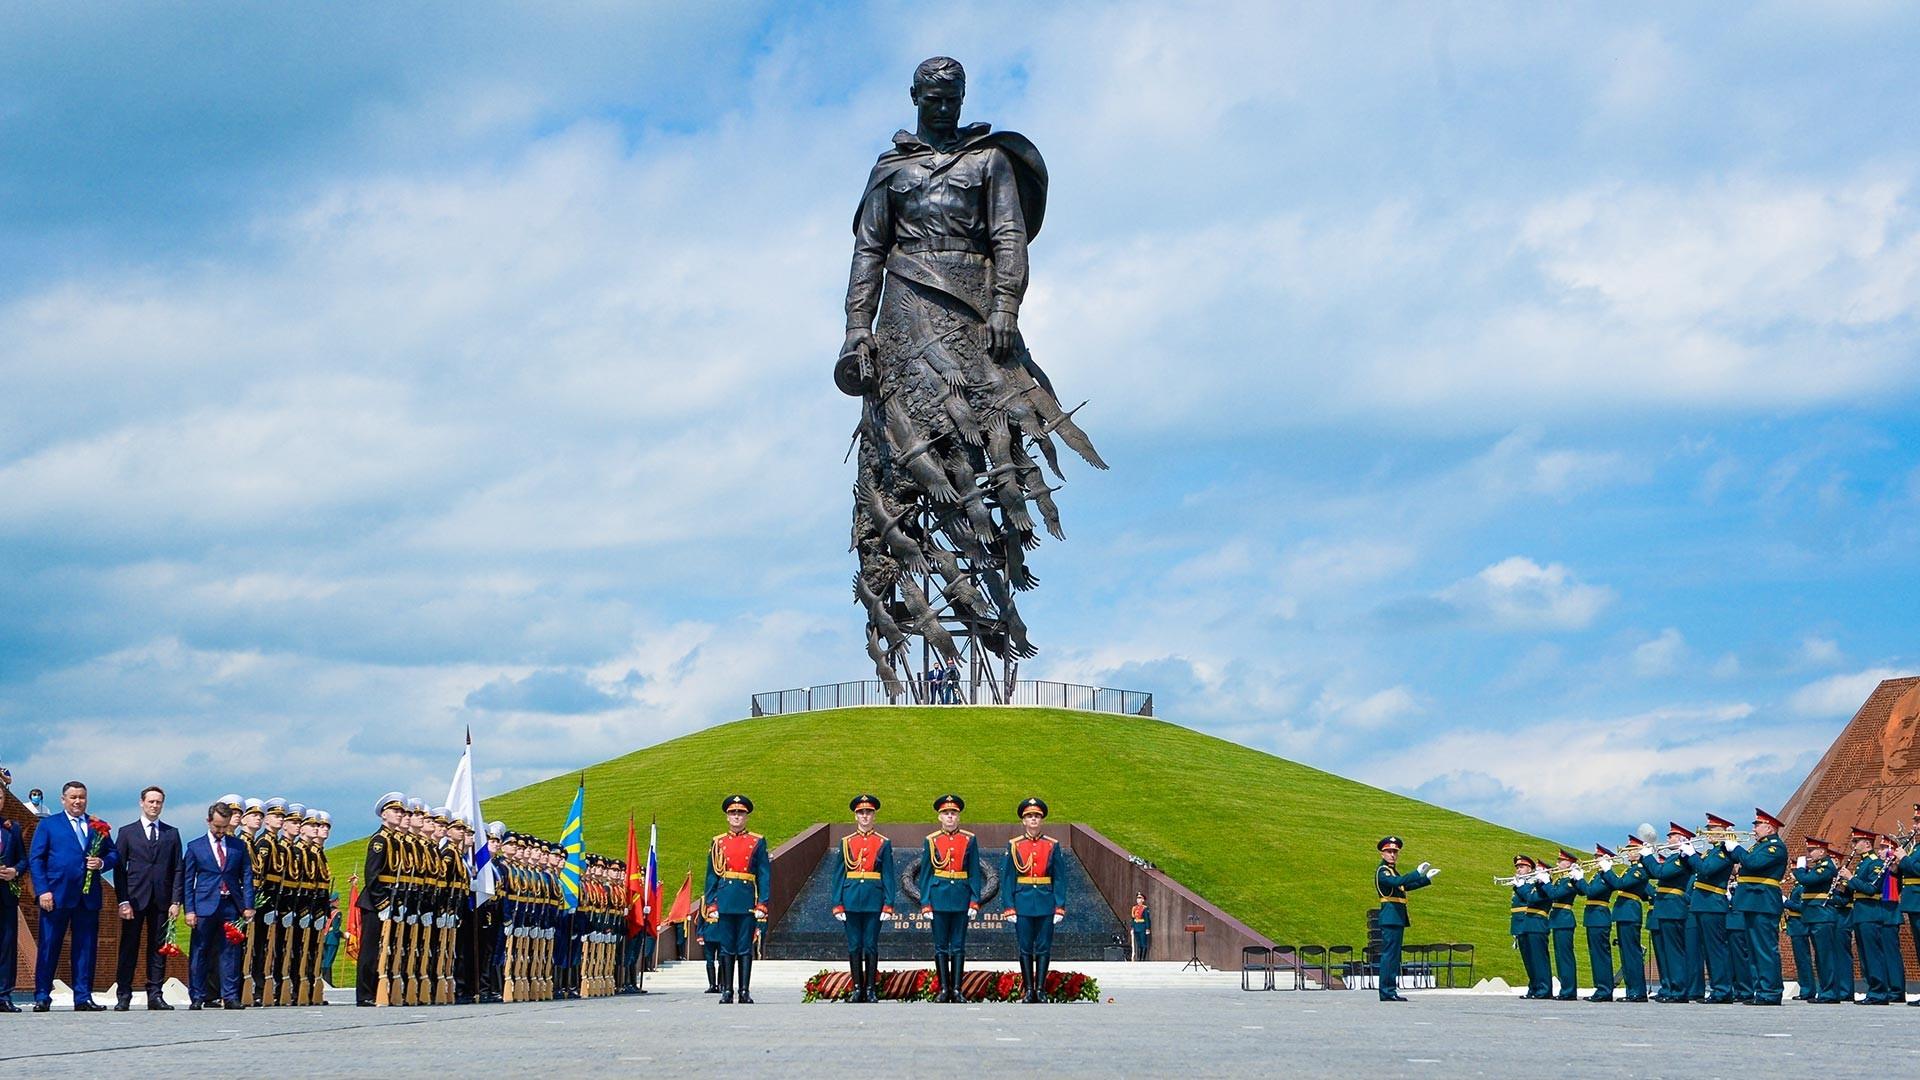 Otvoritvena slovesnost Rževskega spomenika sovjetskemu vojaku.